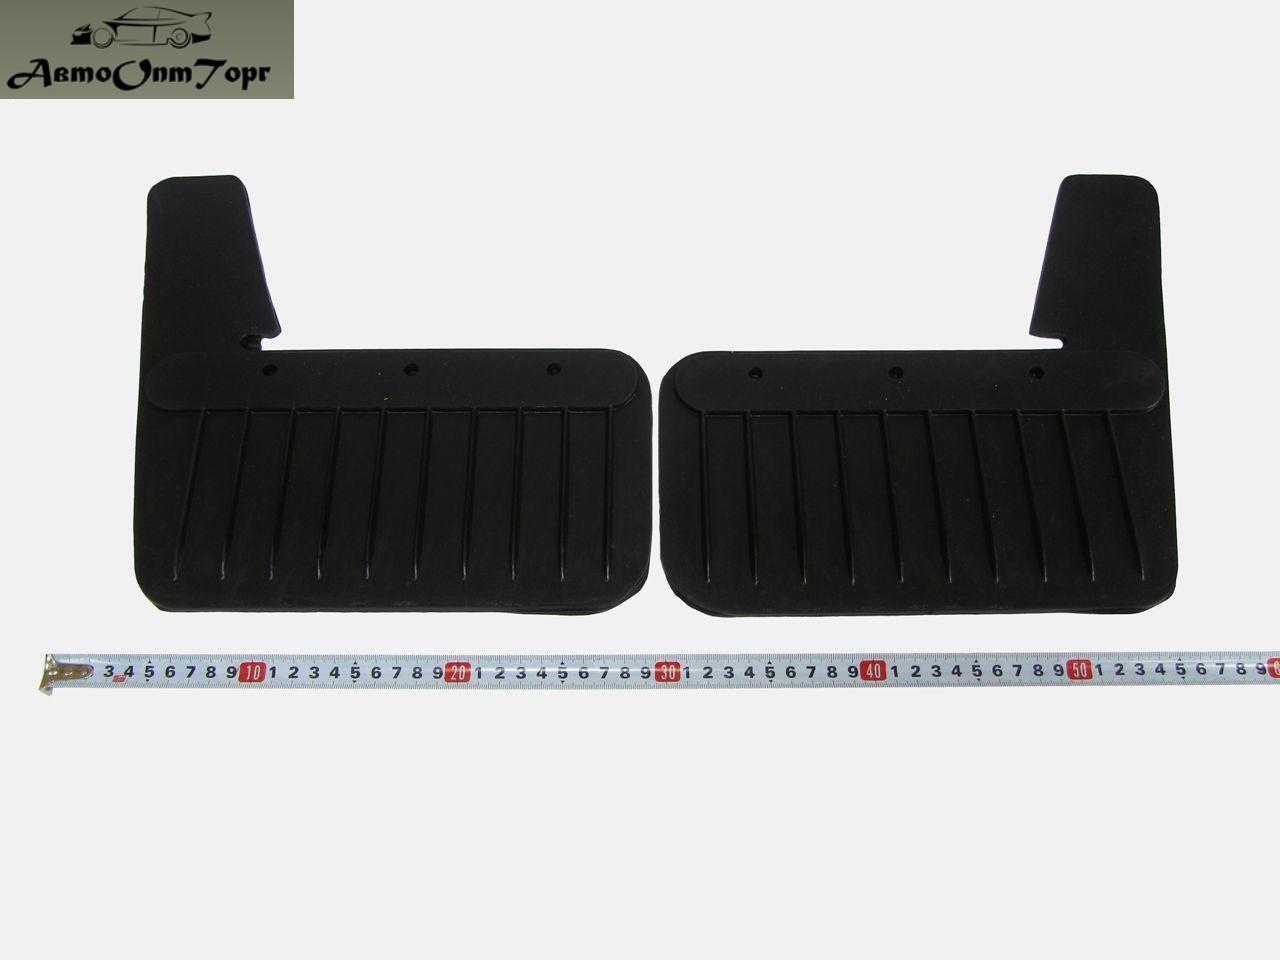 Брызговик передний ВАЗ 2101, 2102, 2103, 2104, 2105, 2106, 2107